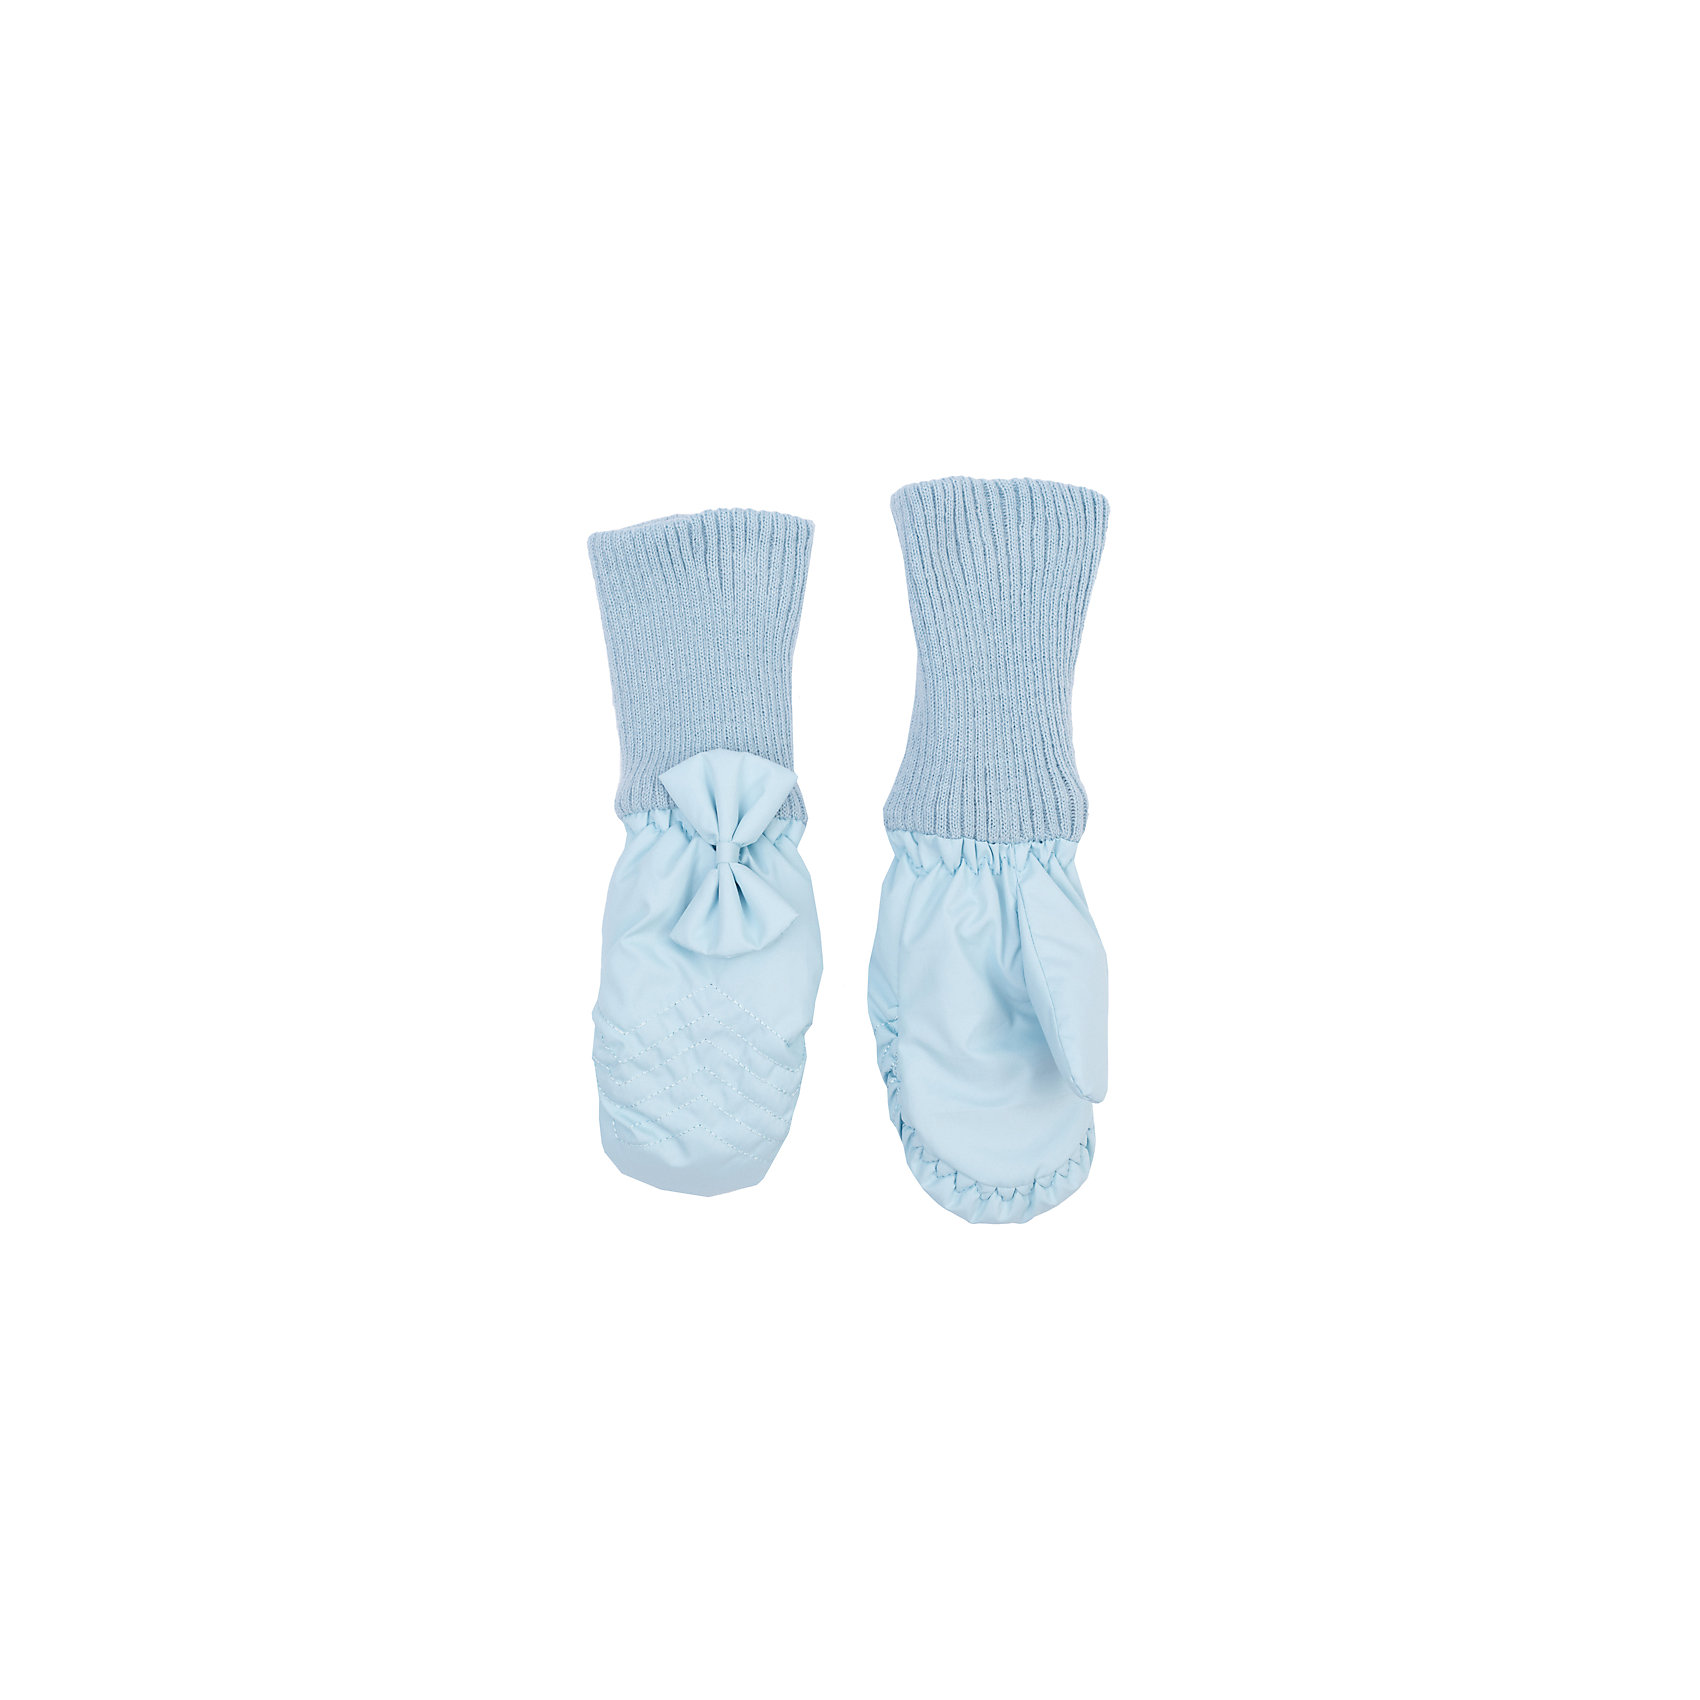 Варежки для девочки PlayTodayВарежки для девочки от известного бренда PlayToday.<br>Уютные рукавицы из непромокаемой плащевки. Внутри мягкая и теплая флисовая подкладка. Верх на мягкой резинке.<br>Состав:<br>Верх: 100% полиэстер, Подкладка: 100% полиэстер, Наполнитель: 100% полиэстер<br><br>Ширина мм: 162<br>Глубина мм: 171<br>Высота мм: 55<br>Вес г: 119<br>Цвет: голубой<br>Возраст от месяцев: 36<br>Возраст до месяцев: 48<br>Пол: Женский<br>Возраст: Детский<br>Размер: 13,14,15<br>SKU: 4898128